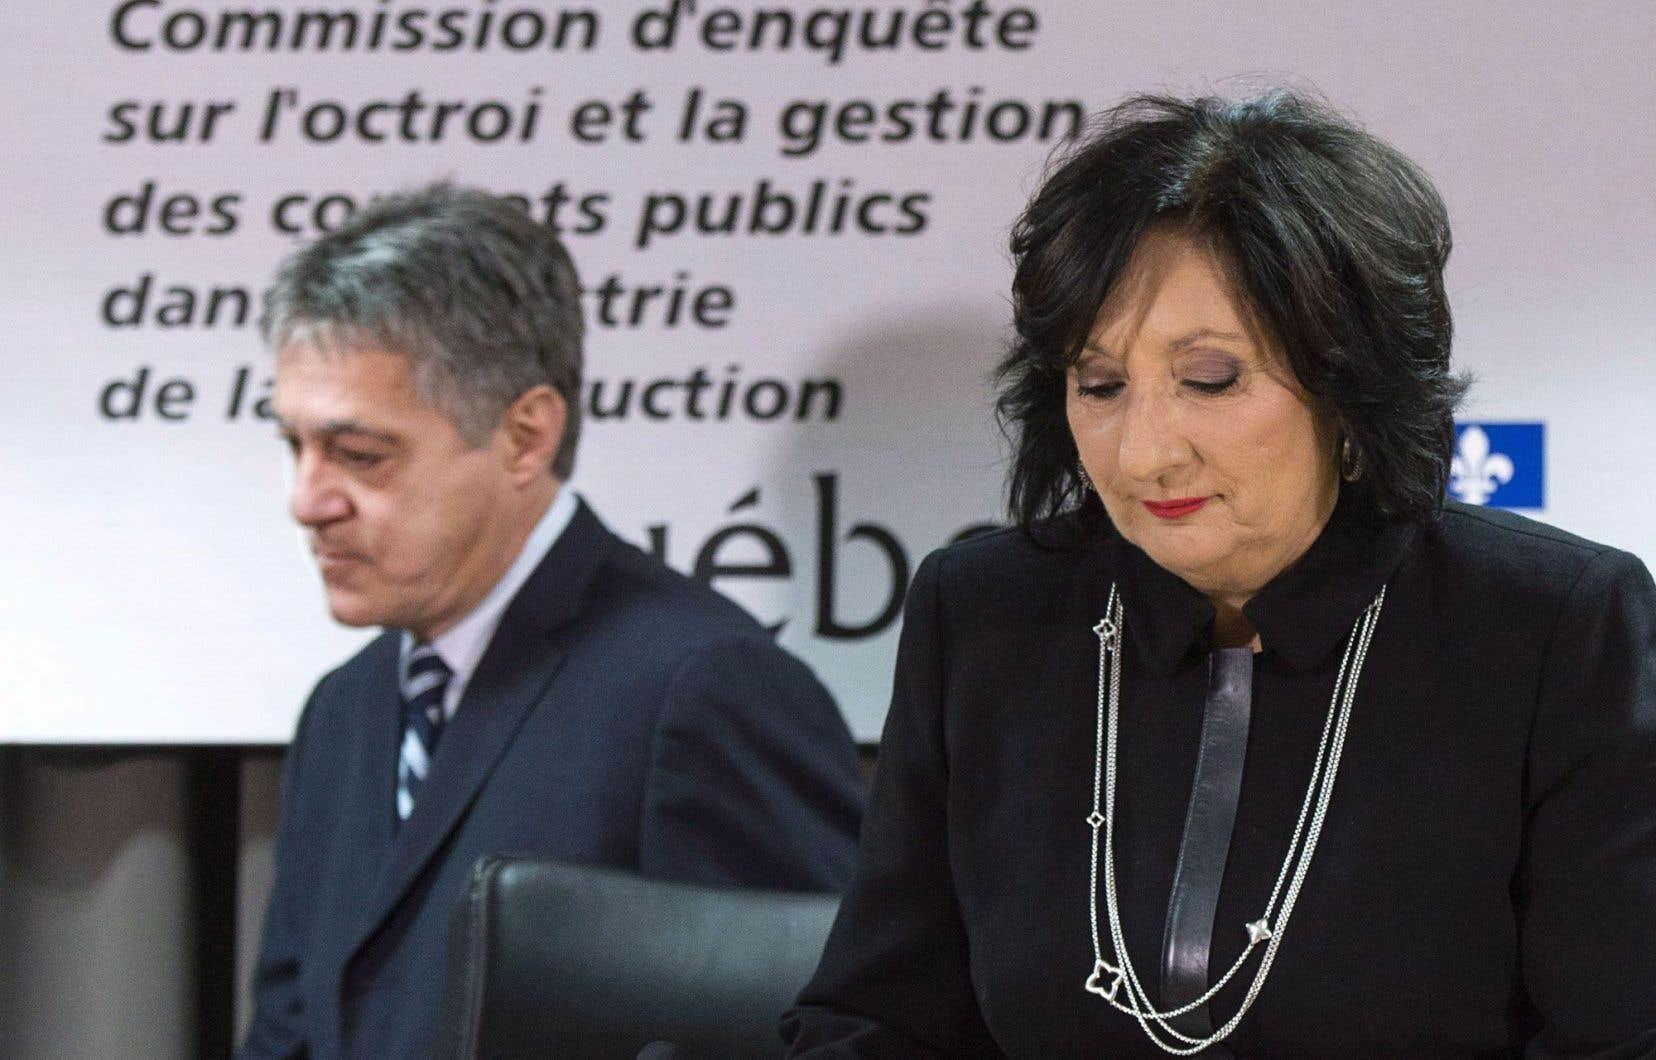 RenaudLachance a appliqué un standard de preuve typique de la «mens rea» en droit criminel. Il est pourtant reconnu qu'un tel standard sied fort mal à la corruption.